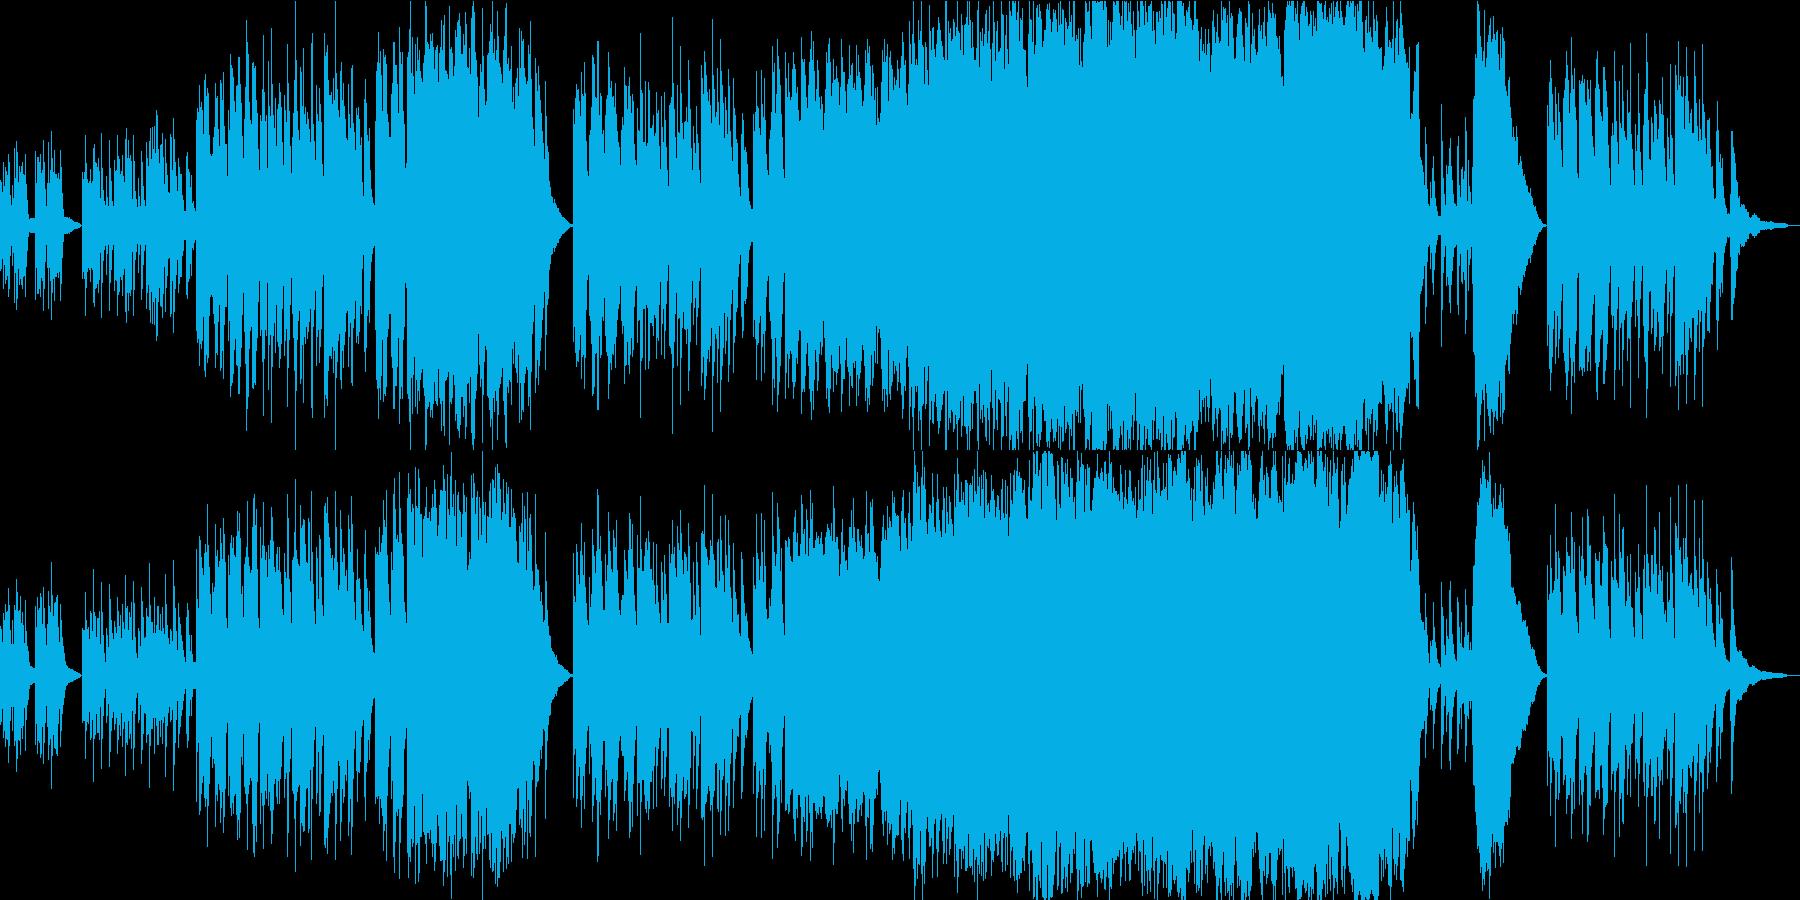 アクアリウム・熱帯魚 透明感あるピアノ曲の再生済みの波形